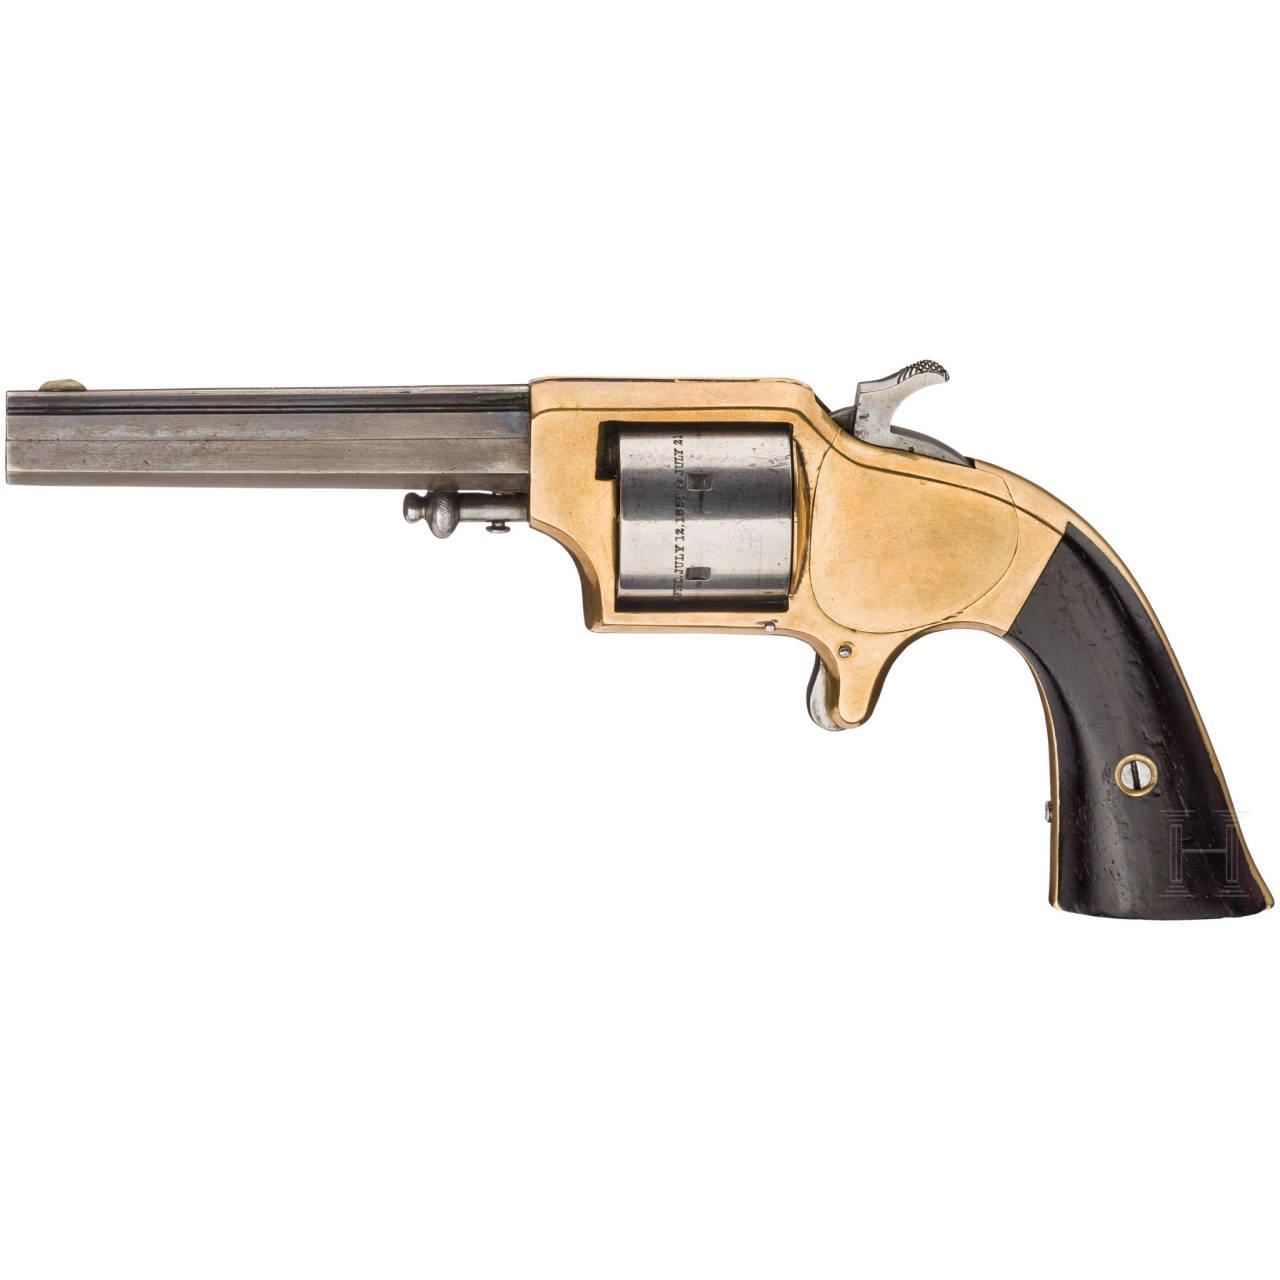 An Eagle Arms cupfire revolver